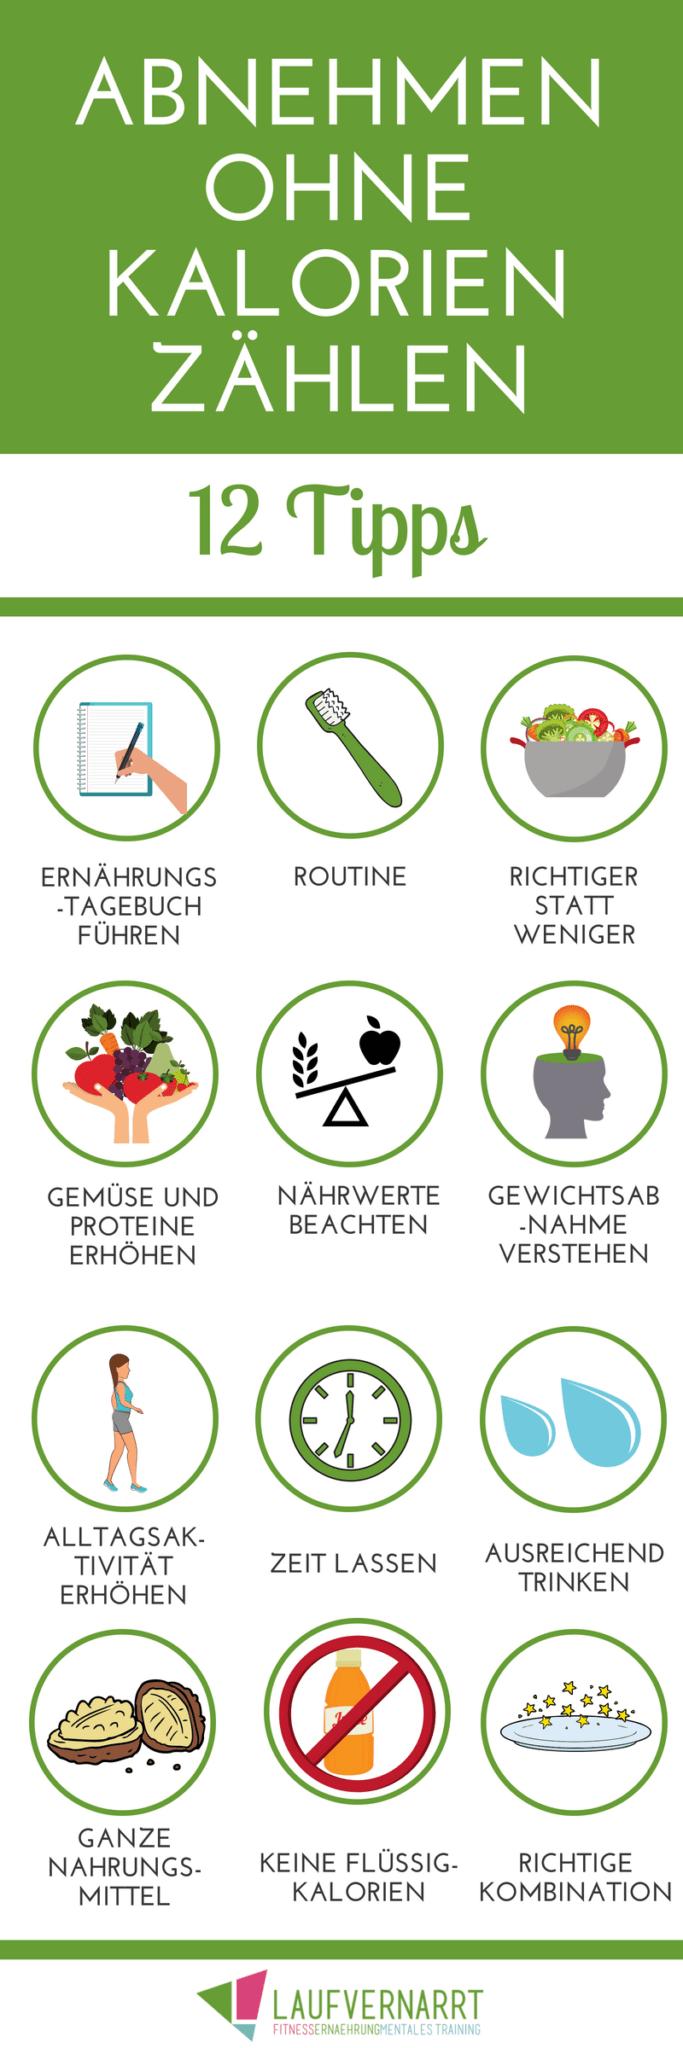 Abnehmen ohne Kalorien zählen - 10 Tipps für den Gewichtsverlust